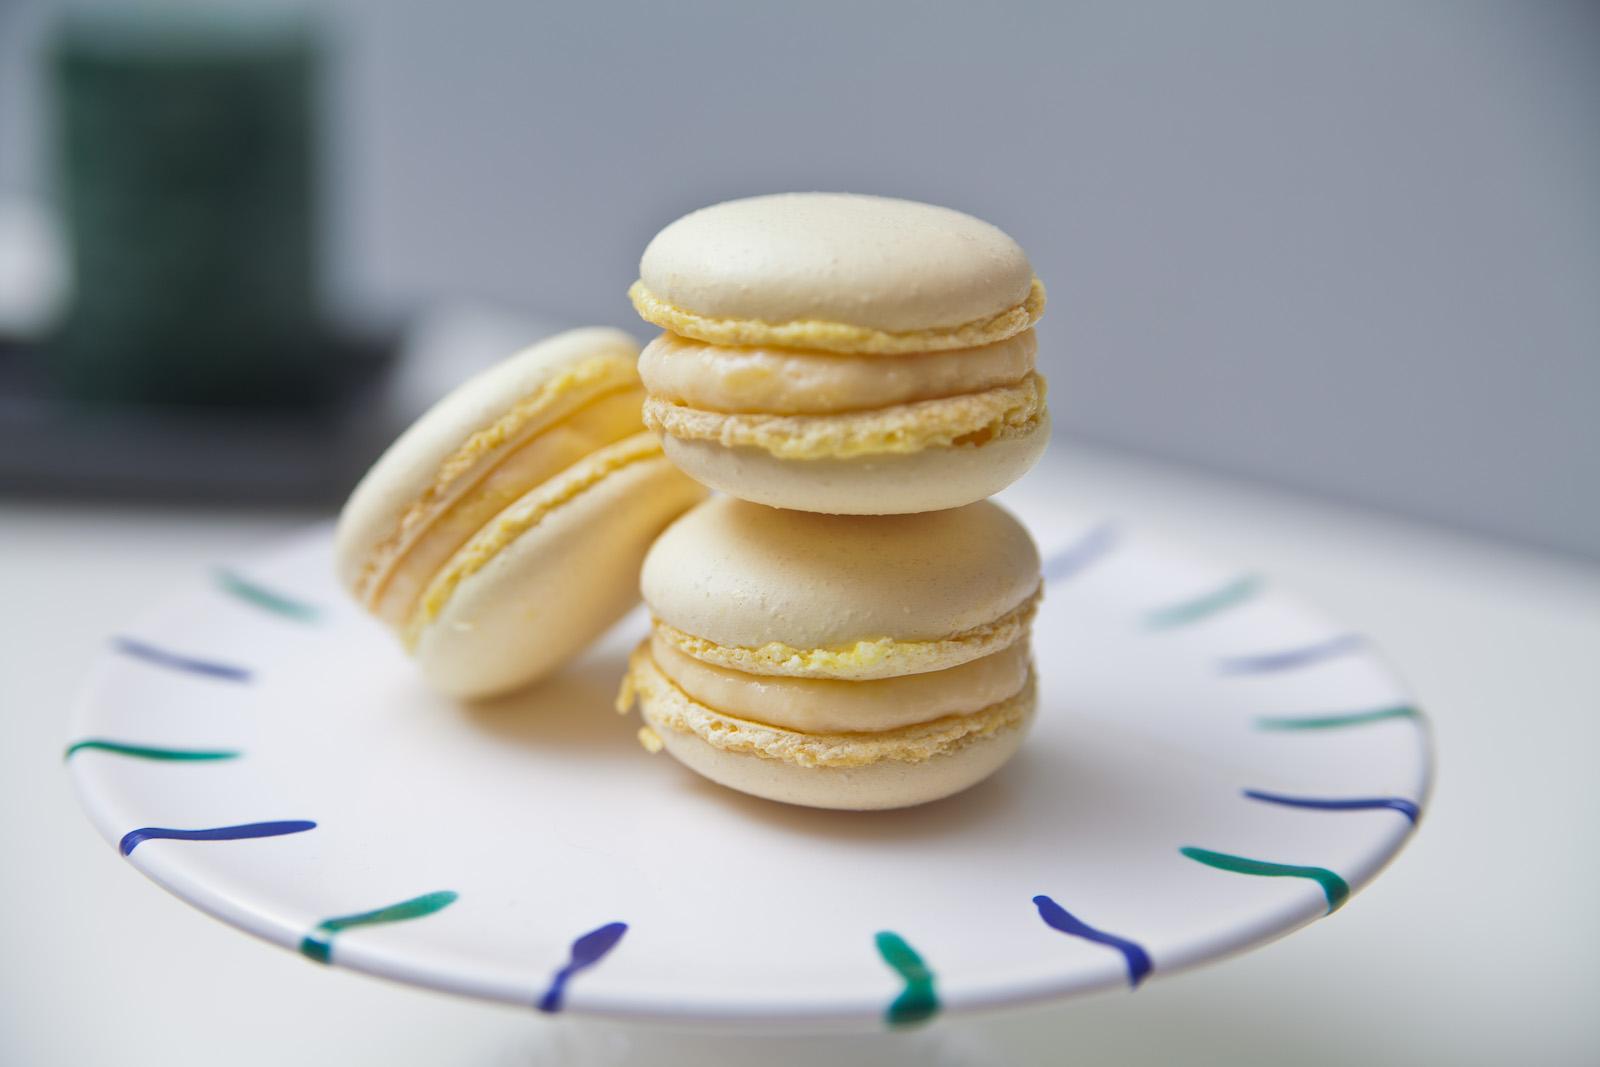 rezepte macarons kirschen fuellung